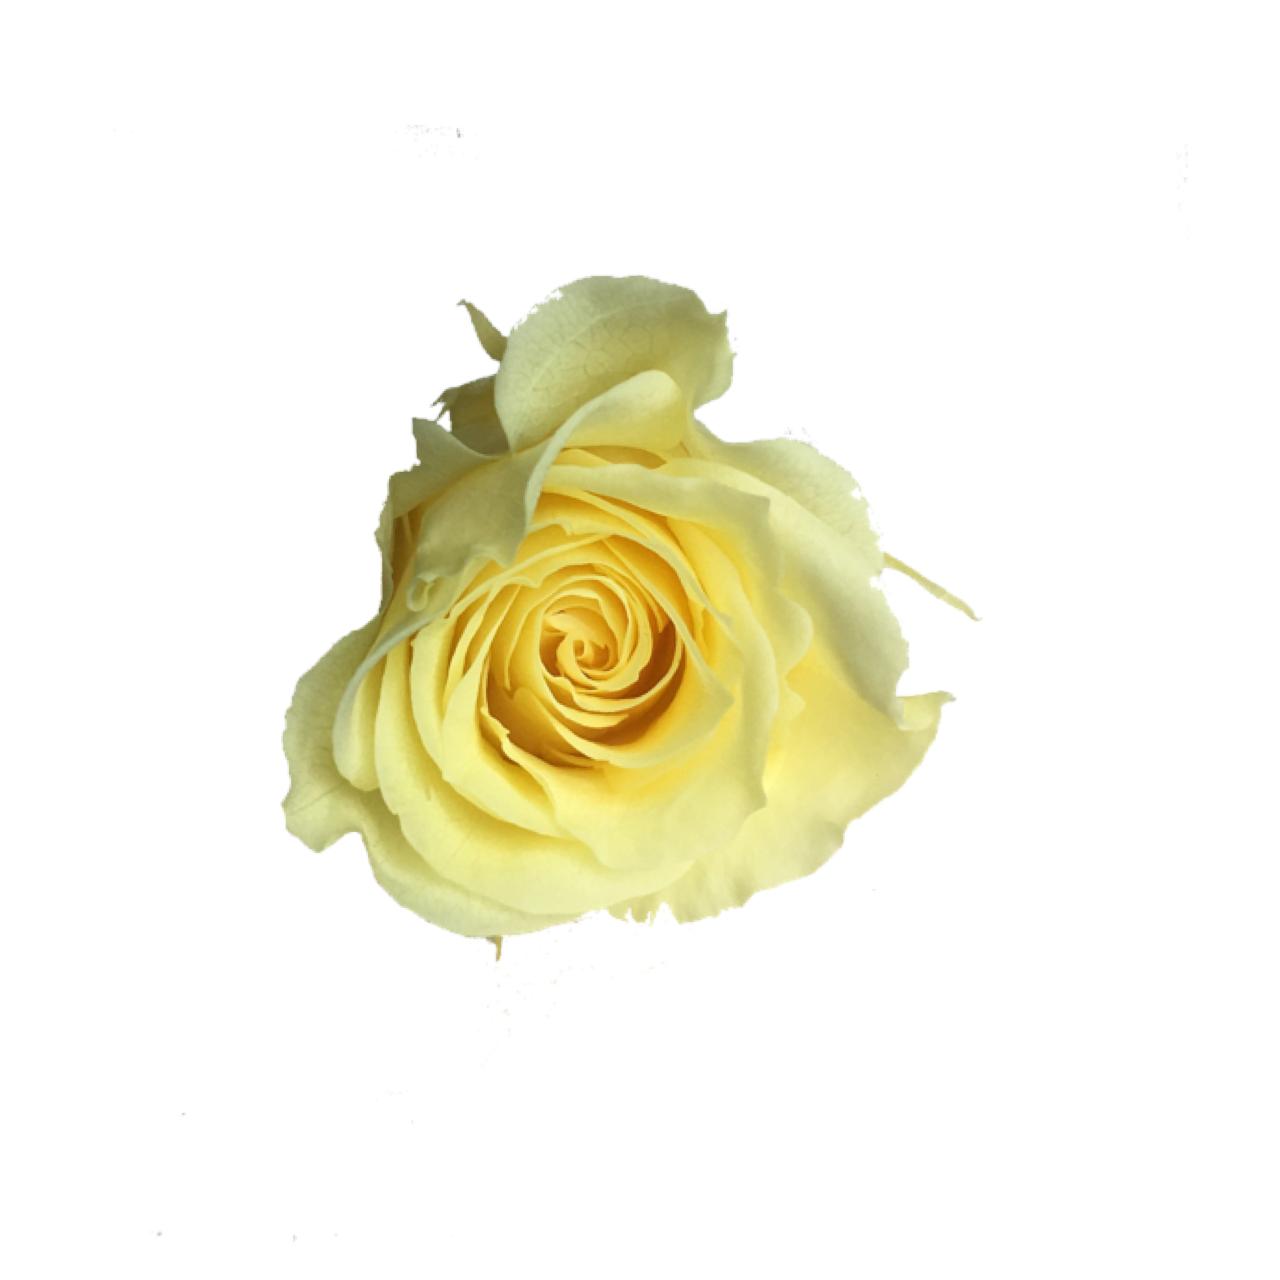 【5%OFF】プリザーブドローズ【1輪販売】   大地農園/ローズミミ モーニングイエロー/03840-0-501